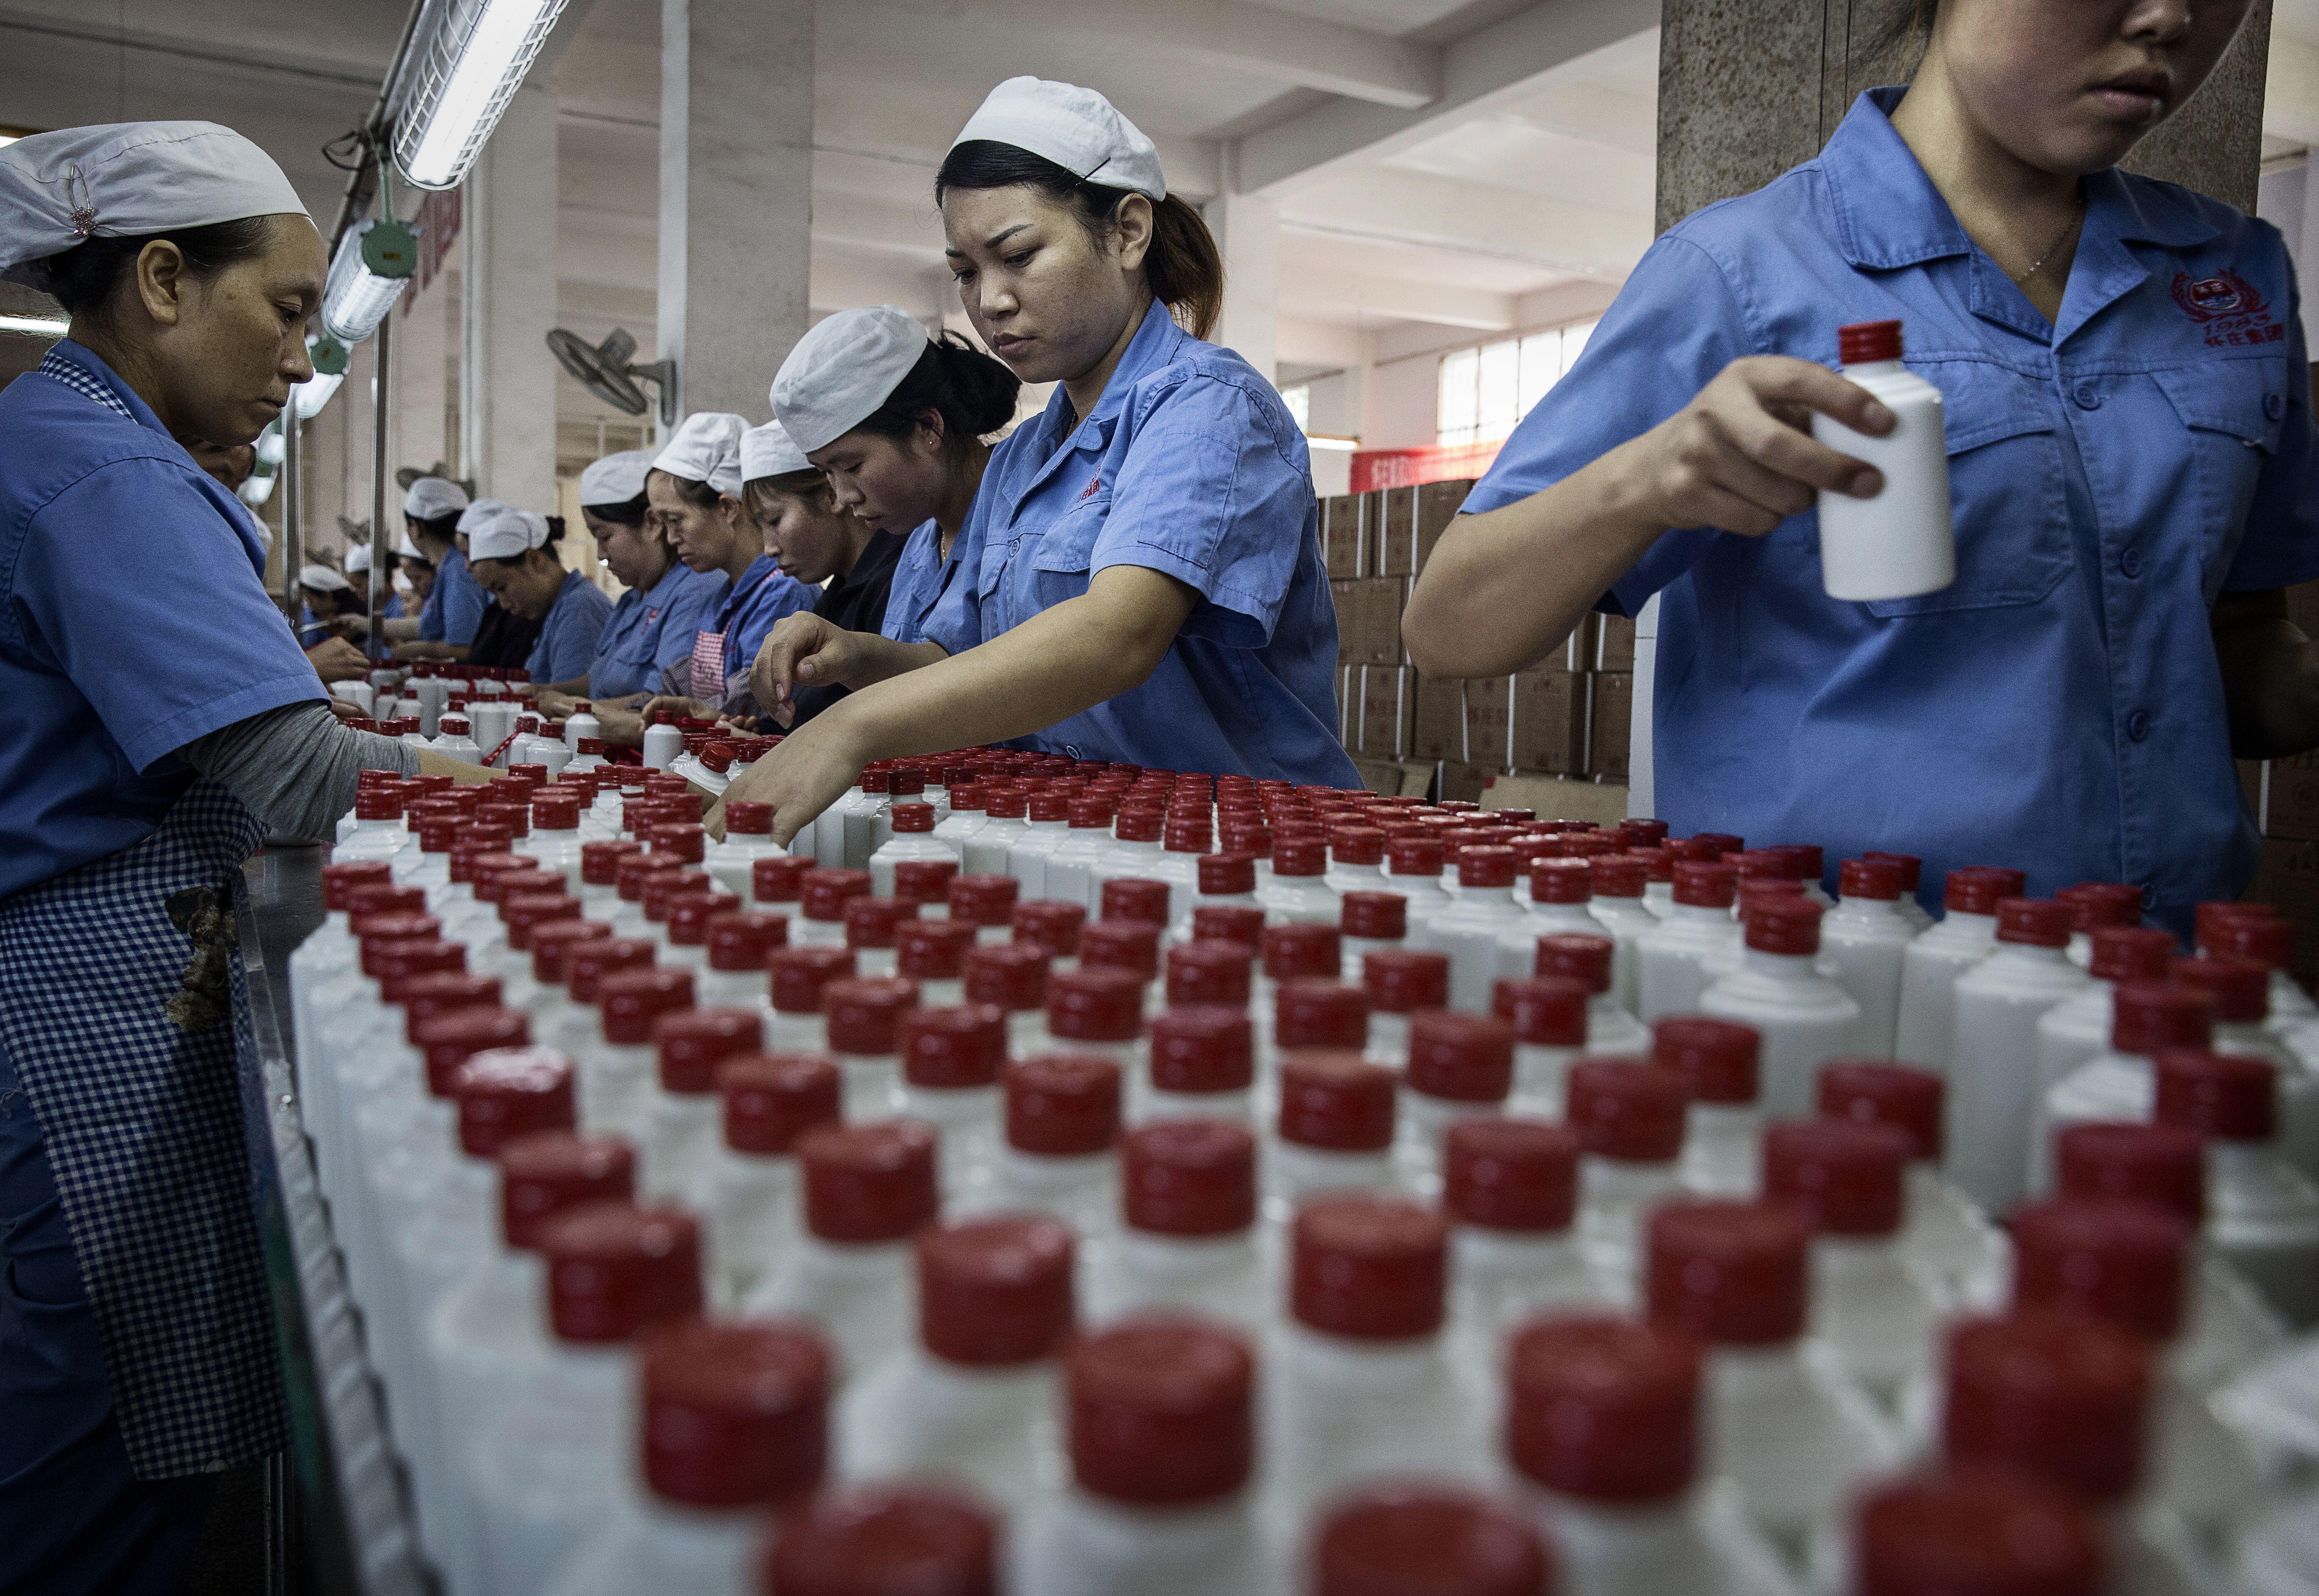 貴州茅台業績急遽放緩 消費降級之憂再現